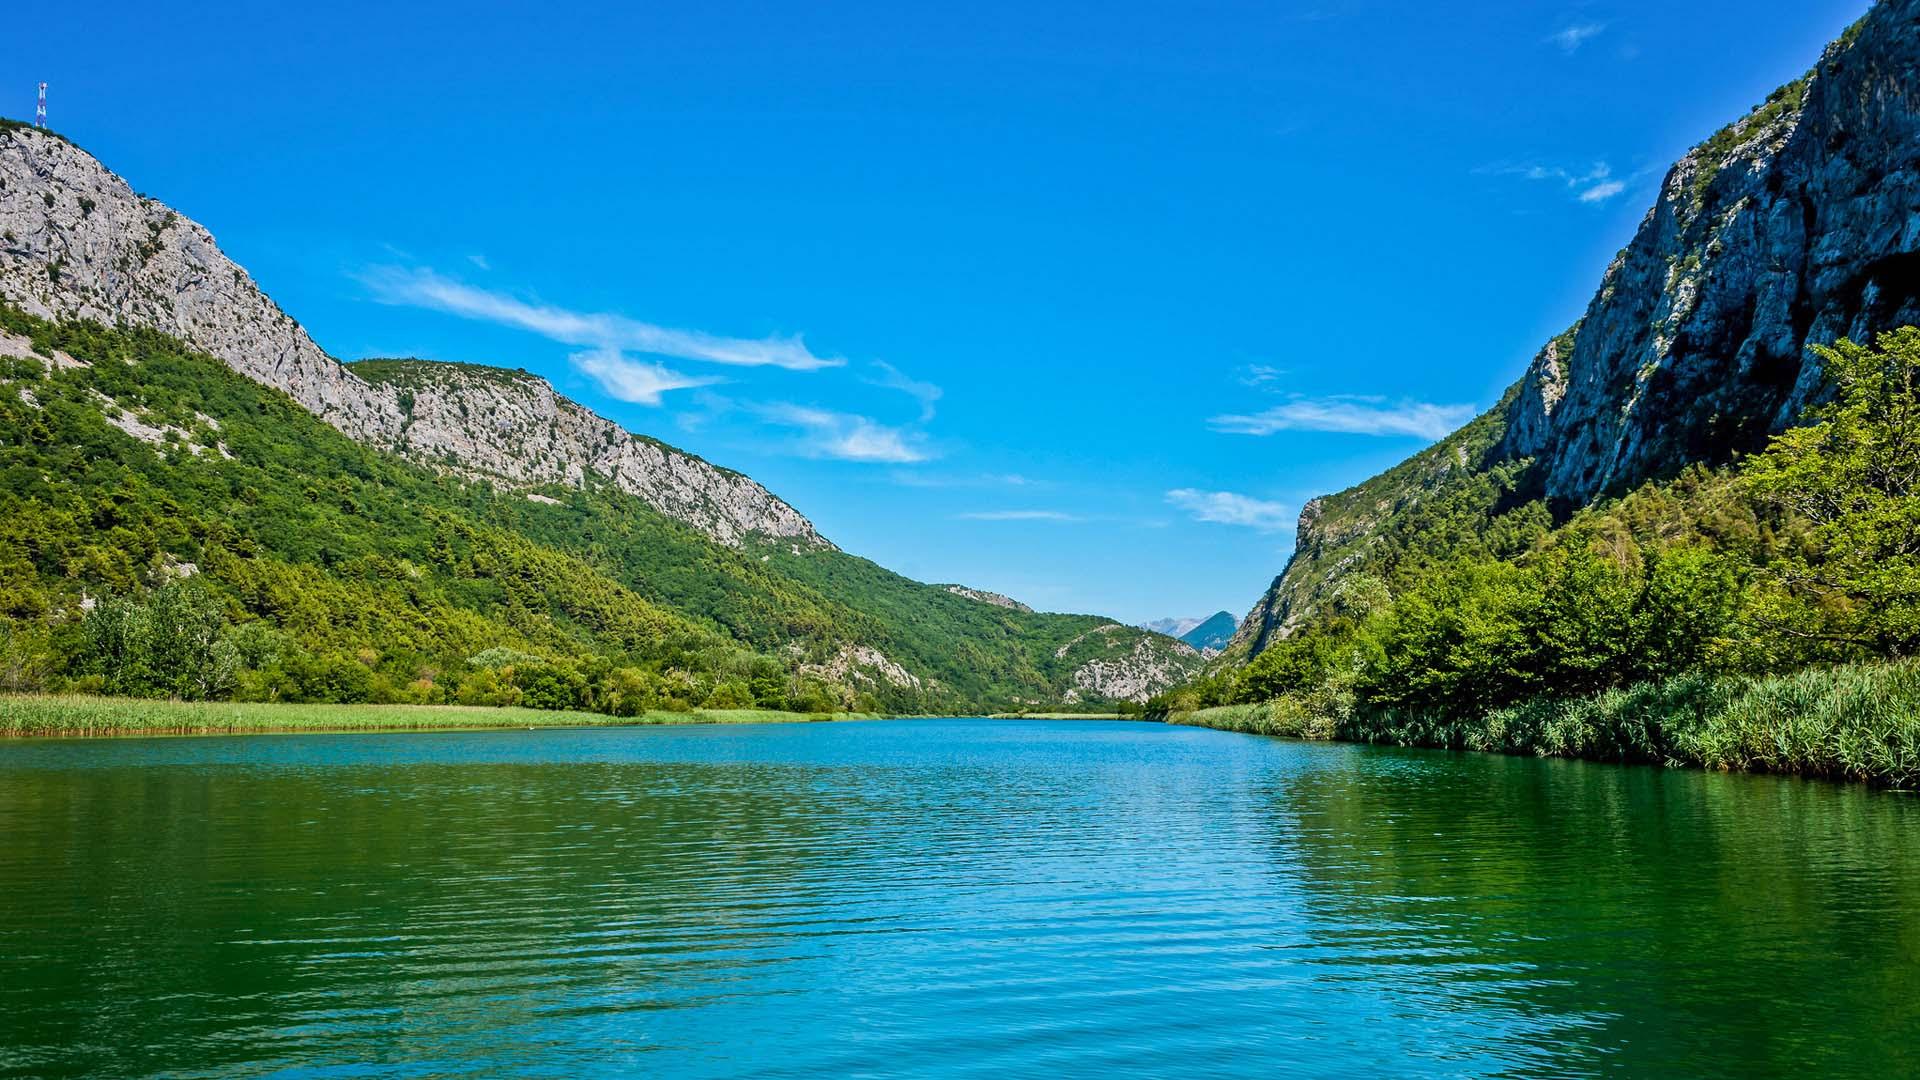 Omis Cetina river